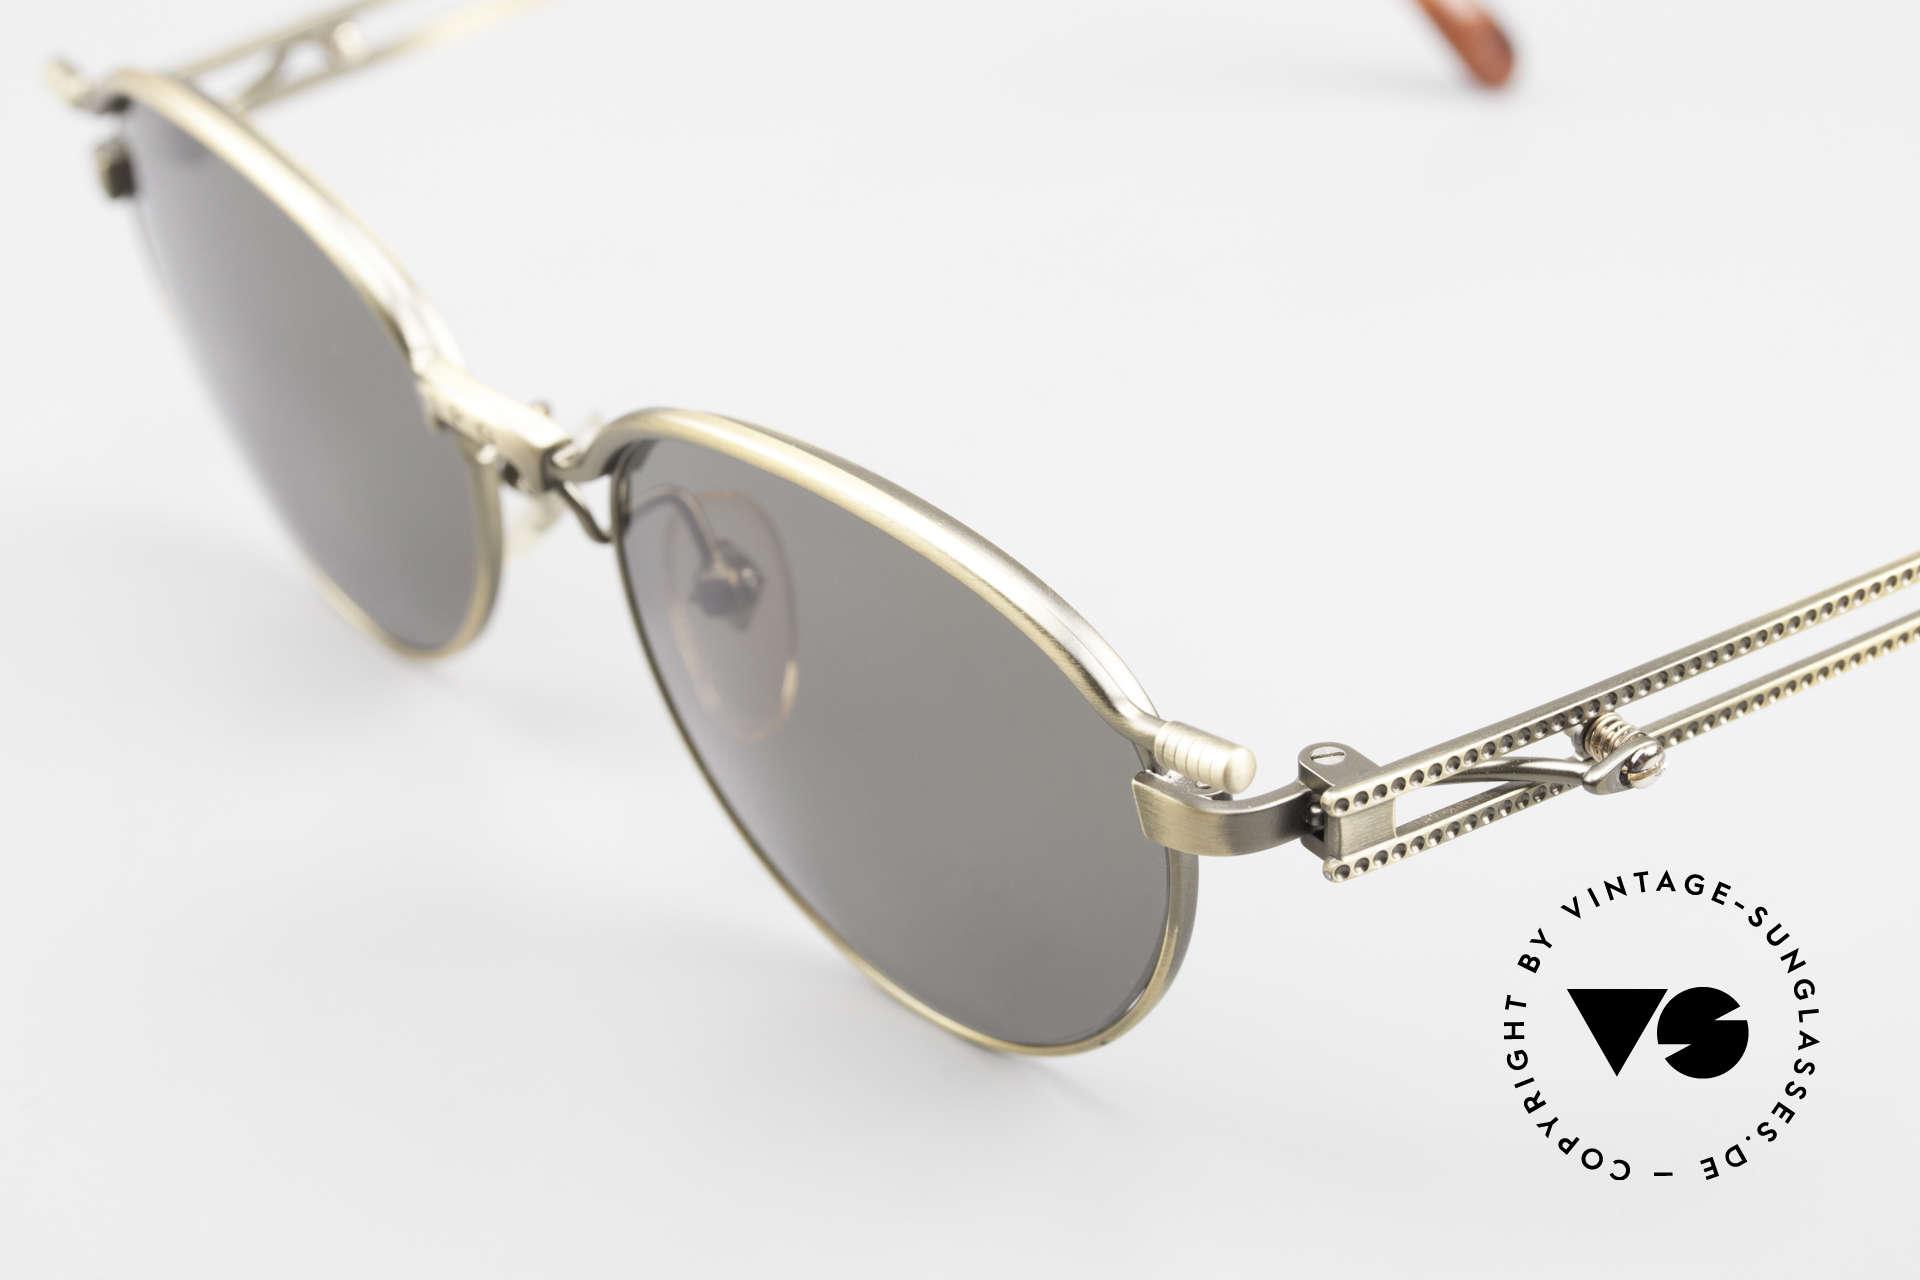 Jean Paul Gaultier 56-4172 Unisex Designerbrille 90er JPG, echte Rarität im Unisex-Design mit 'St. Tropez Flair', Passend für Herren und Damen